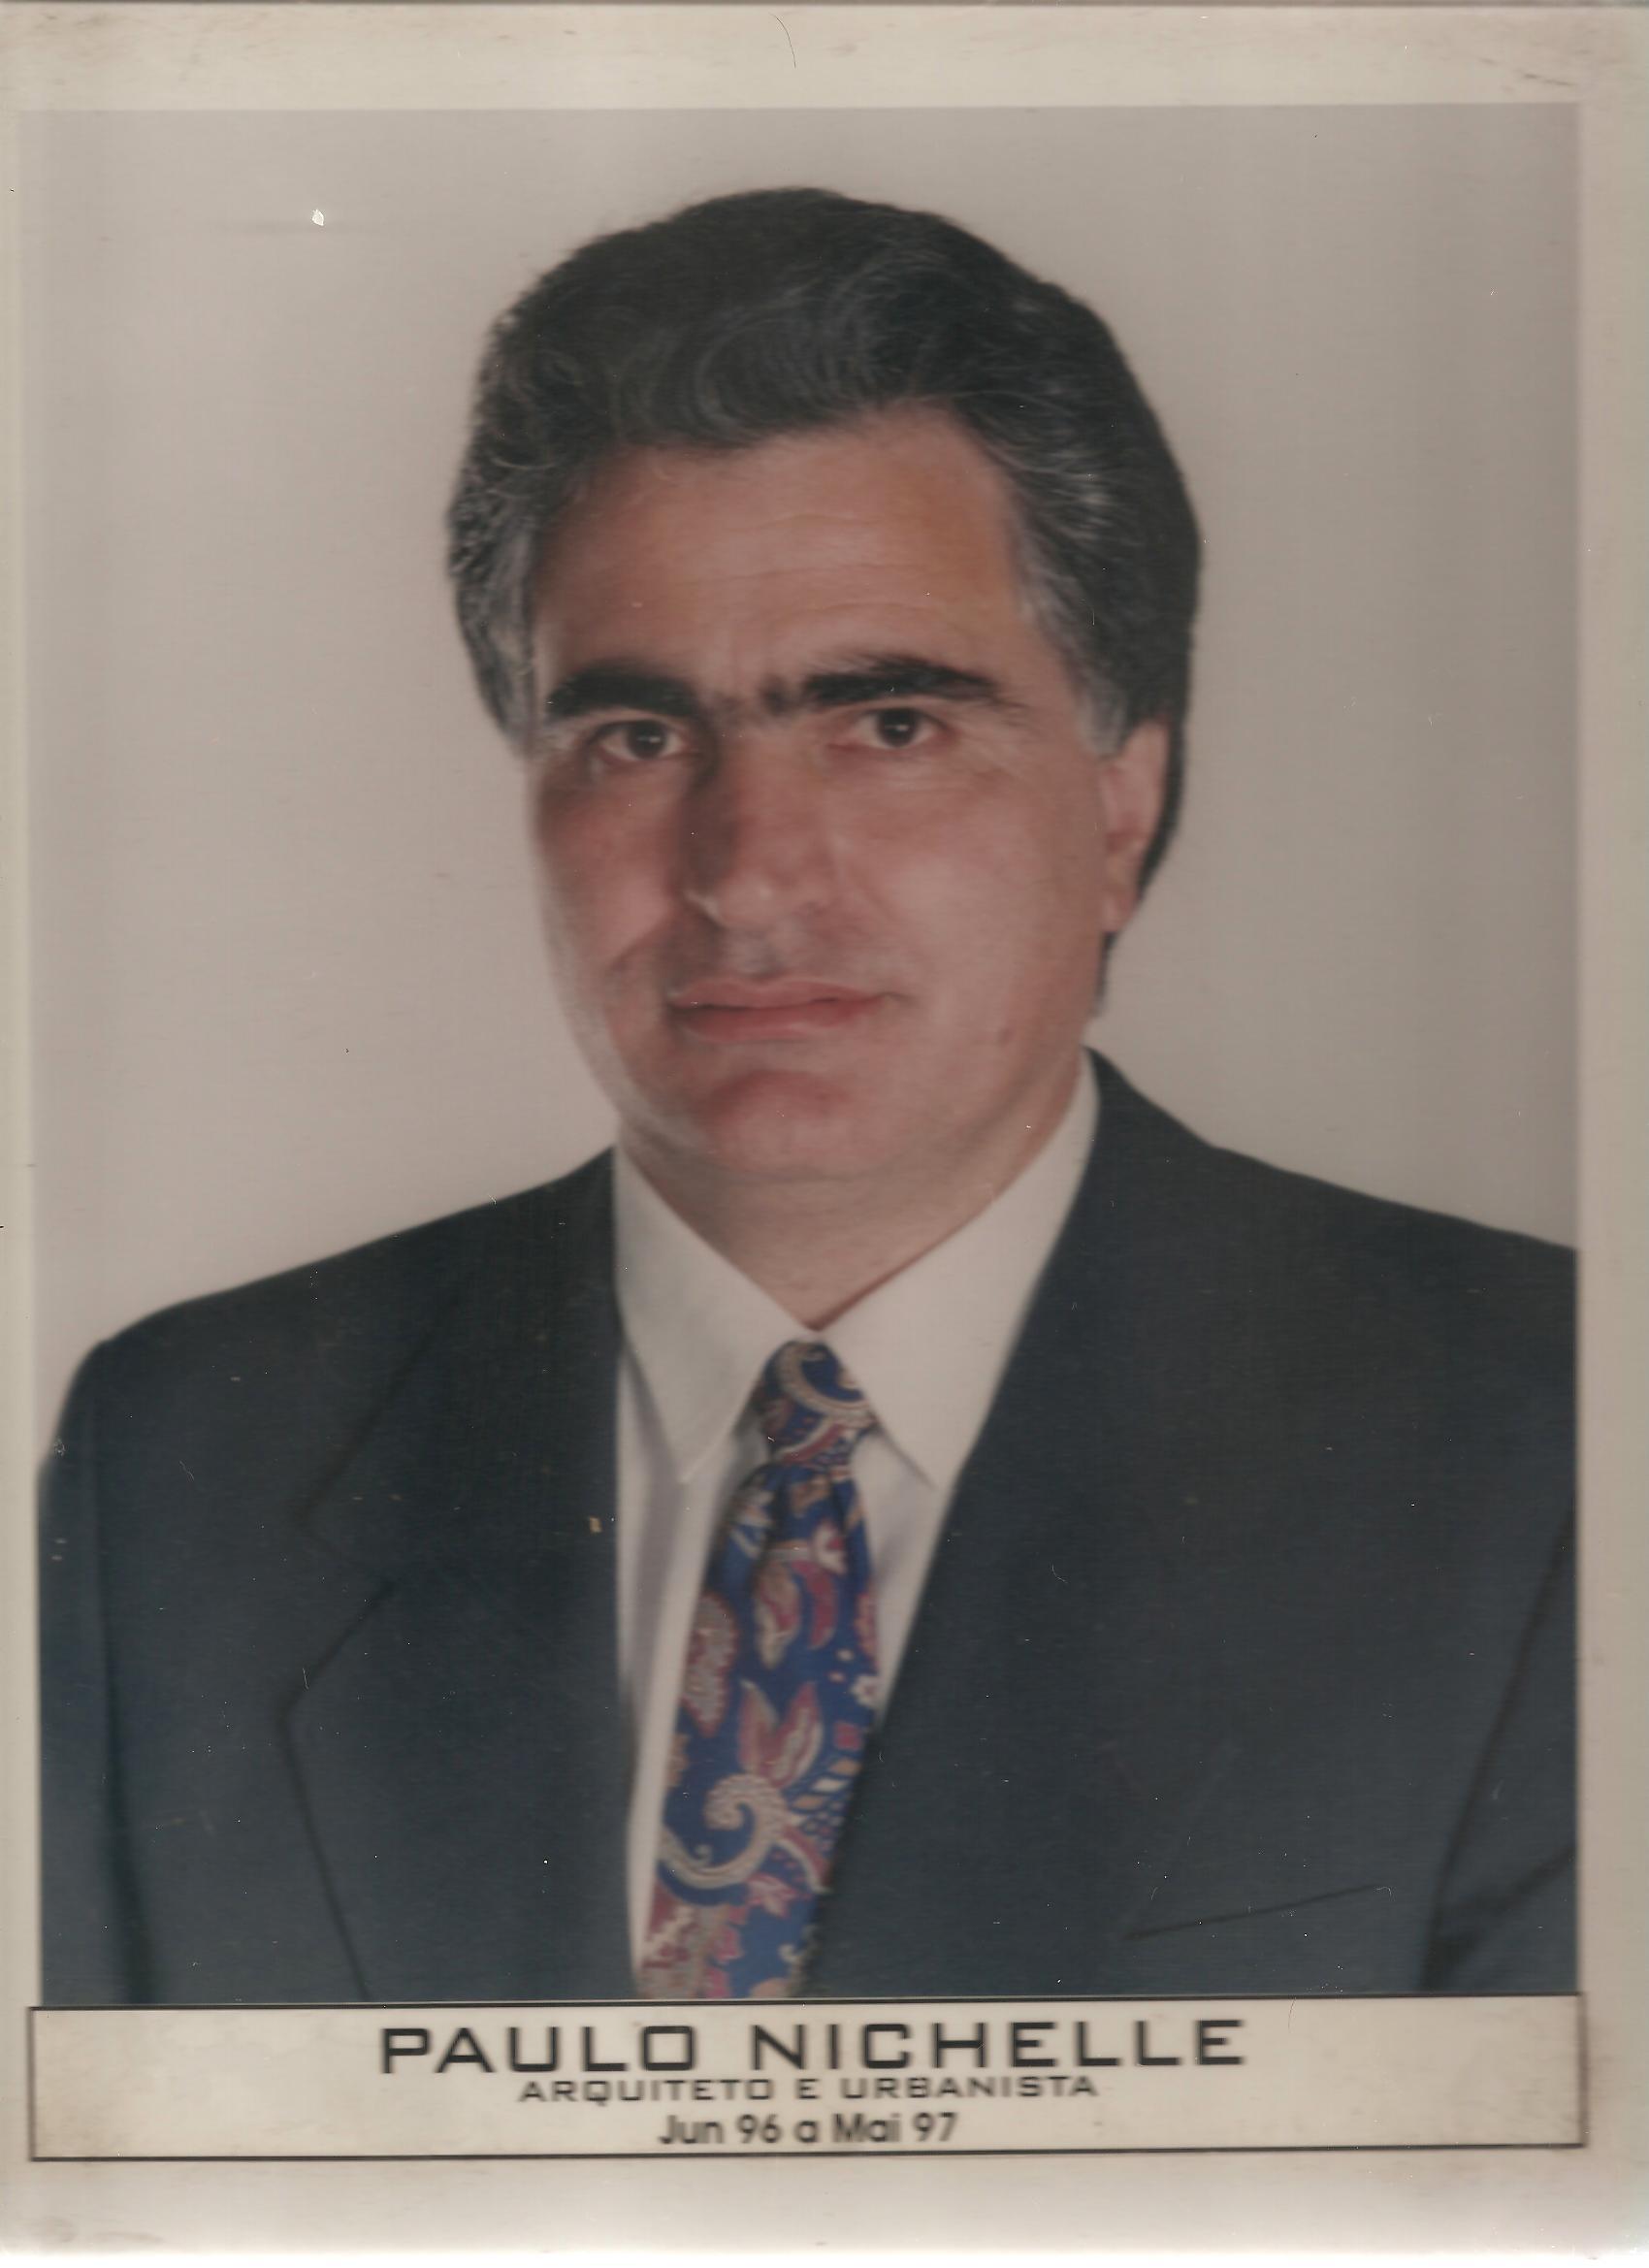 Paulo Nichelle